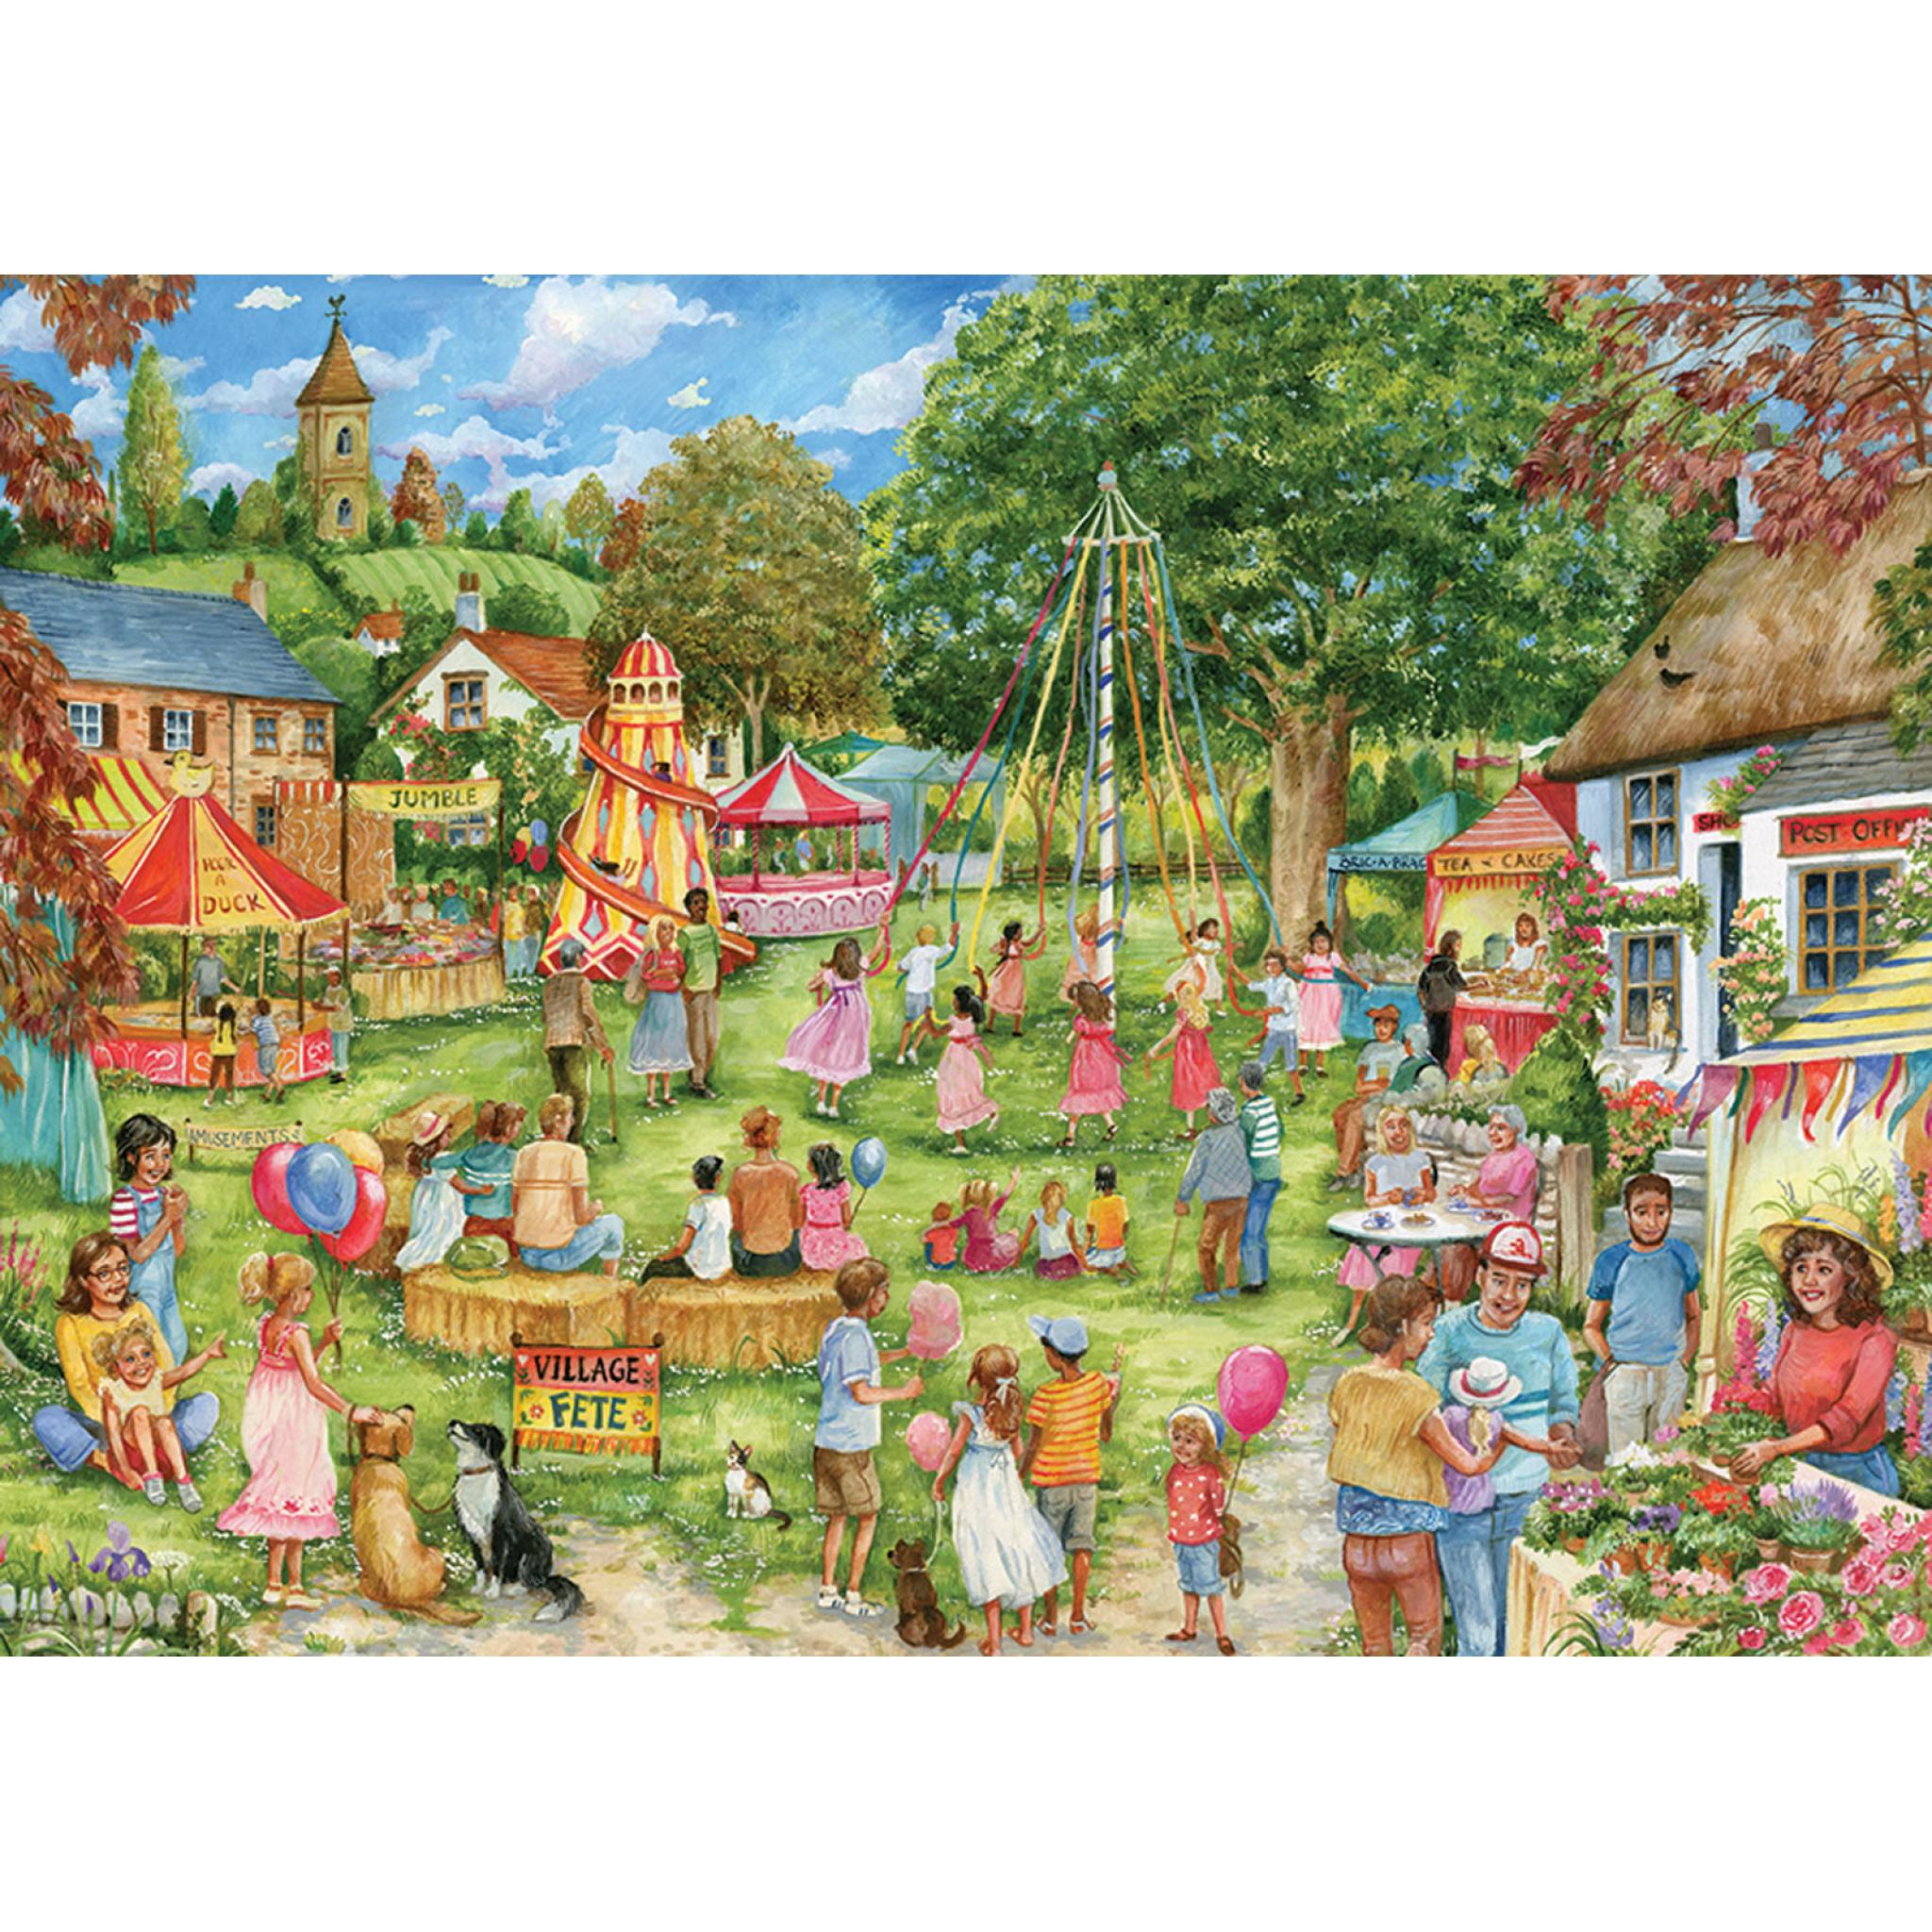 Pieces The Village Fete Jigsaw Puzzle